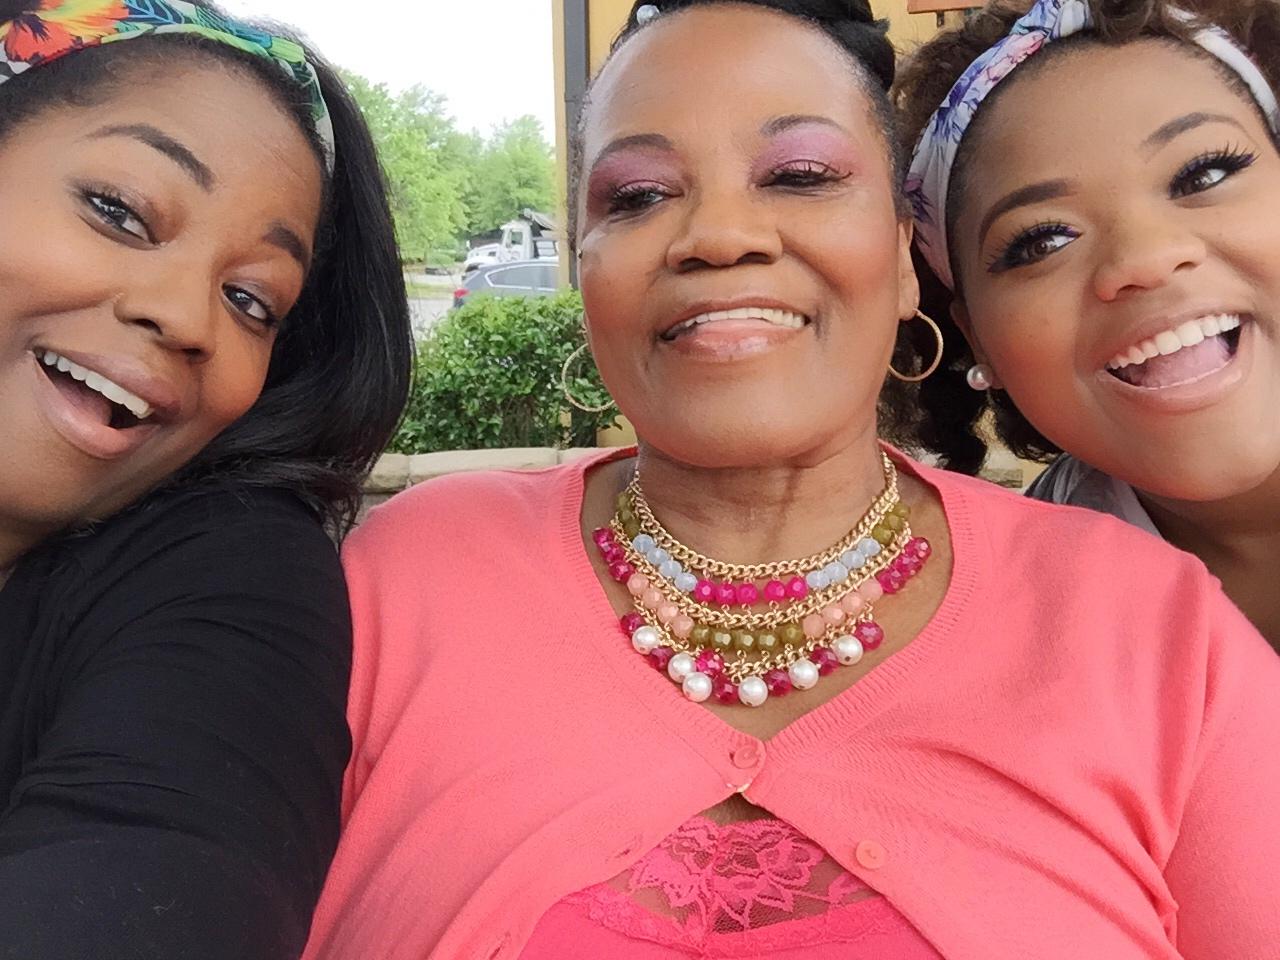 Pinktastic Saturday: Three Generations Of LOVE